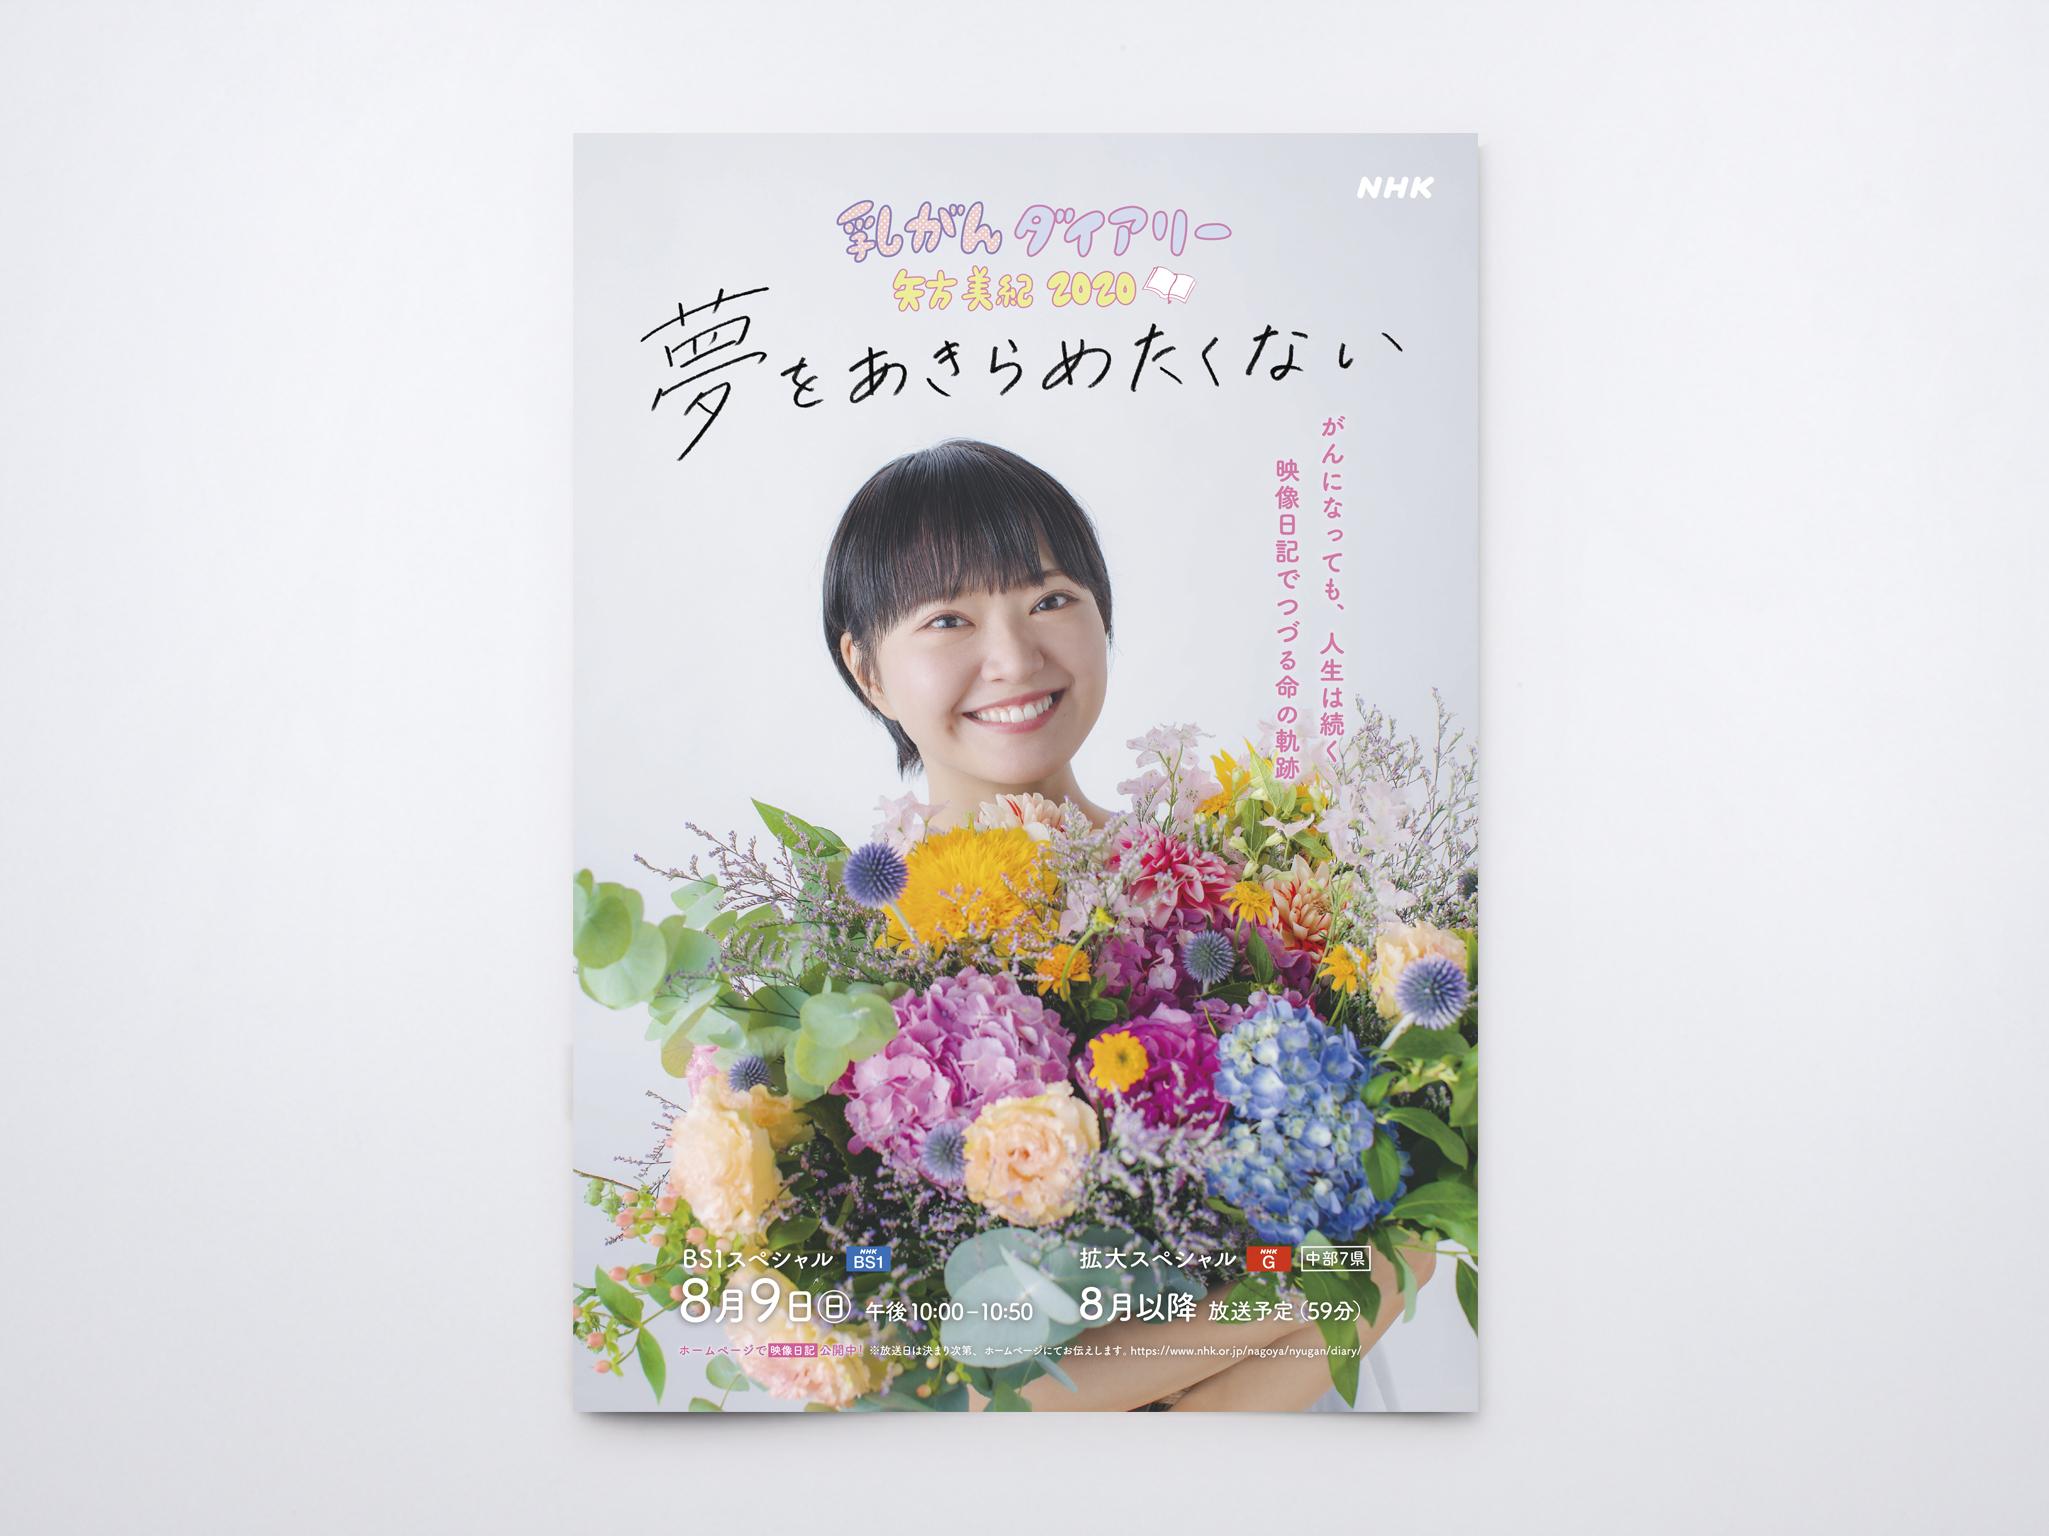 名古屋 ブランディング NHK SKE 矢方美紀 乳がんダイアリー